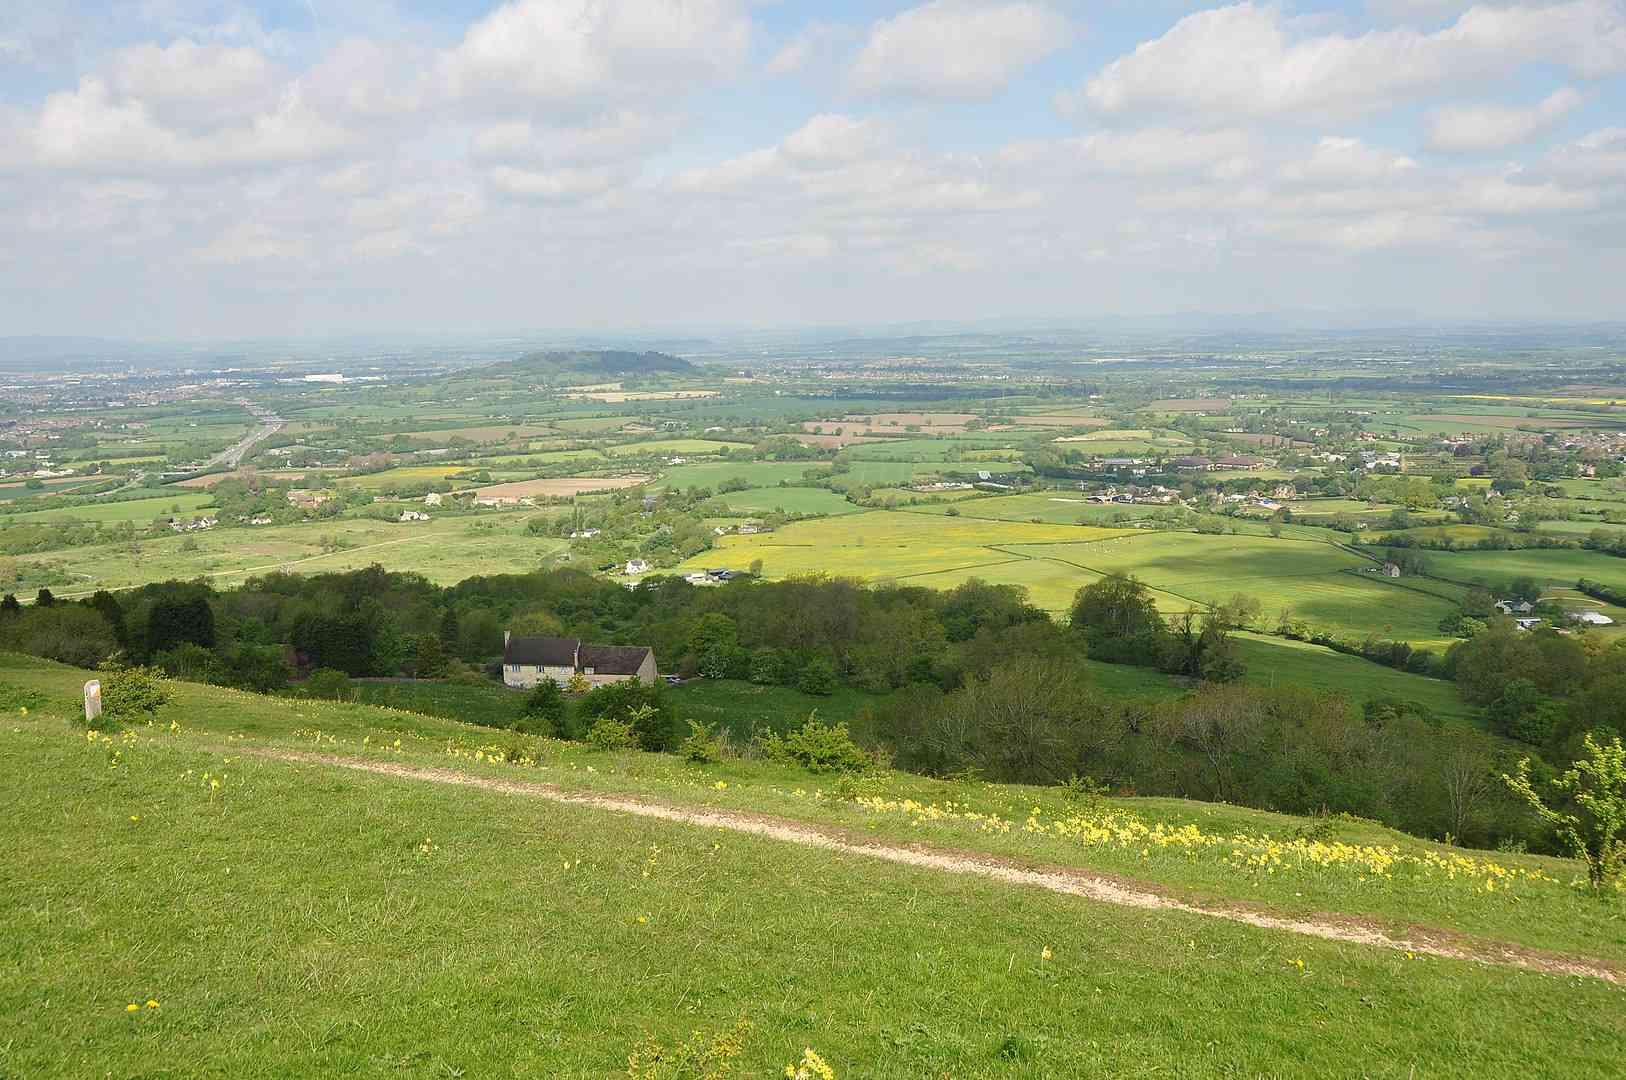 Crickley Hill an einem sonnigen Tag mit Feldern und Häusern im Hintergrund.